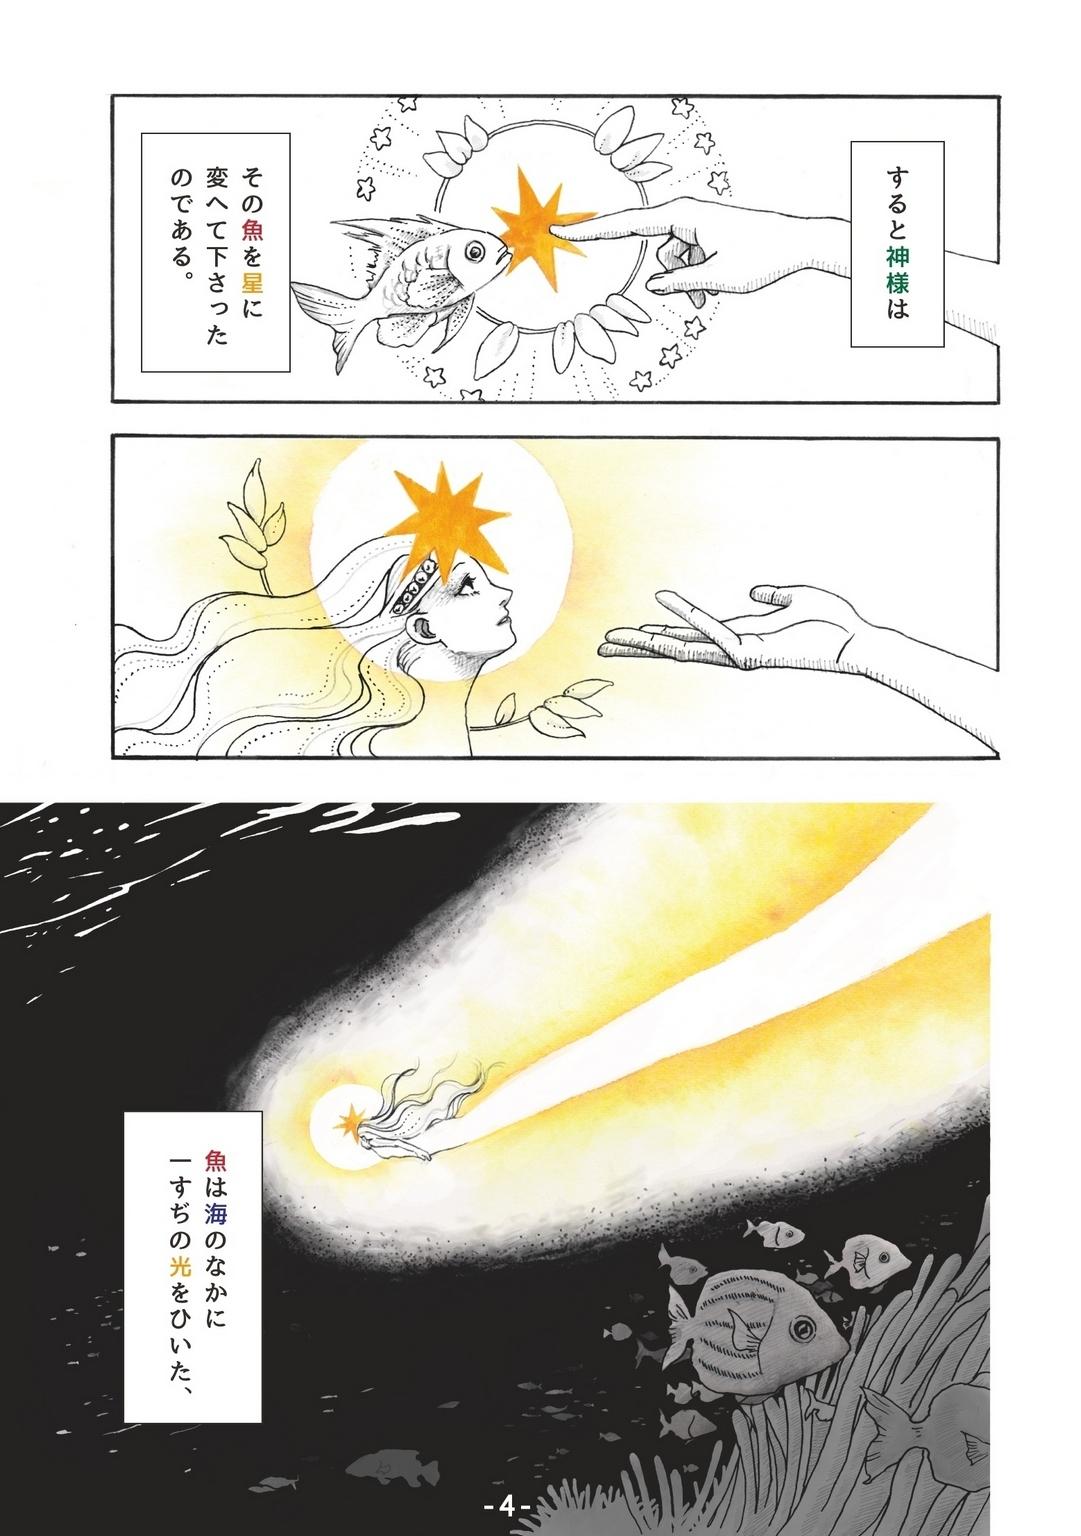 詩漫画 立原道造「魚の話」(『散歩詩集』より)_f0228652_21552891.jpeg